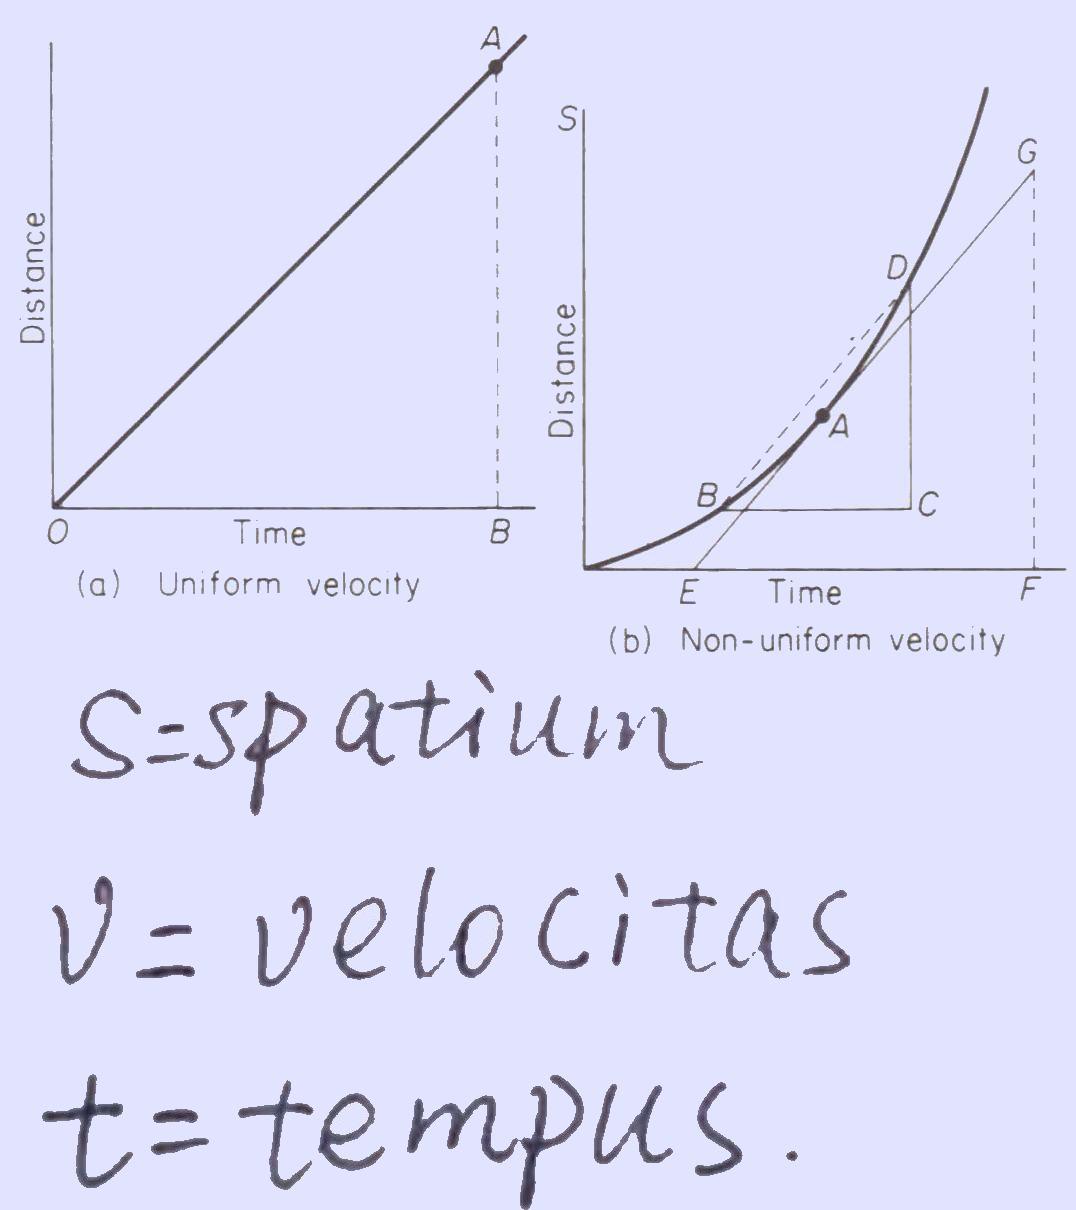 *** Расстояние - скорость - время   Spatium - velocitas - tempus   Span - velocity - time ***